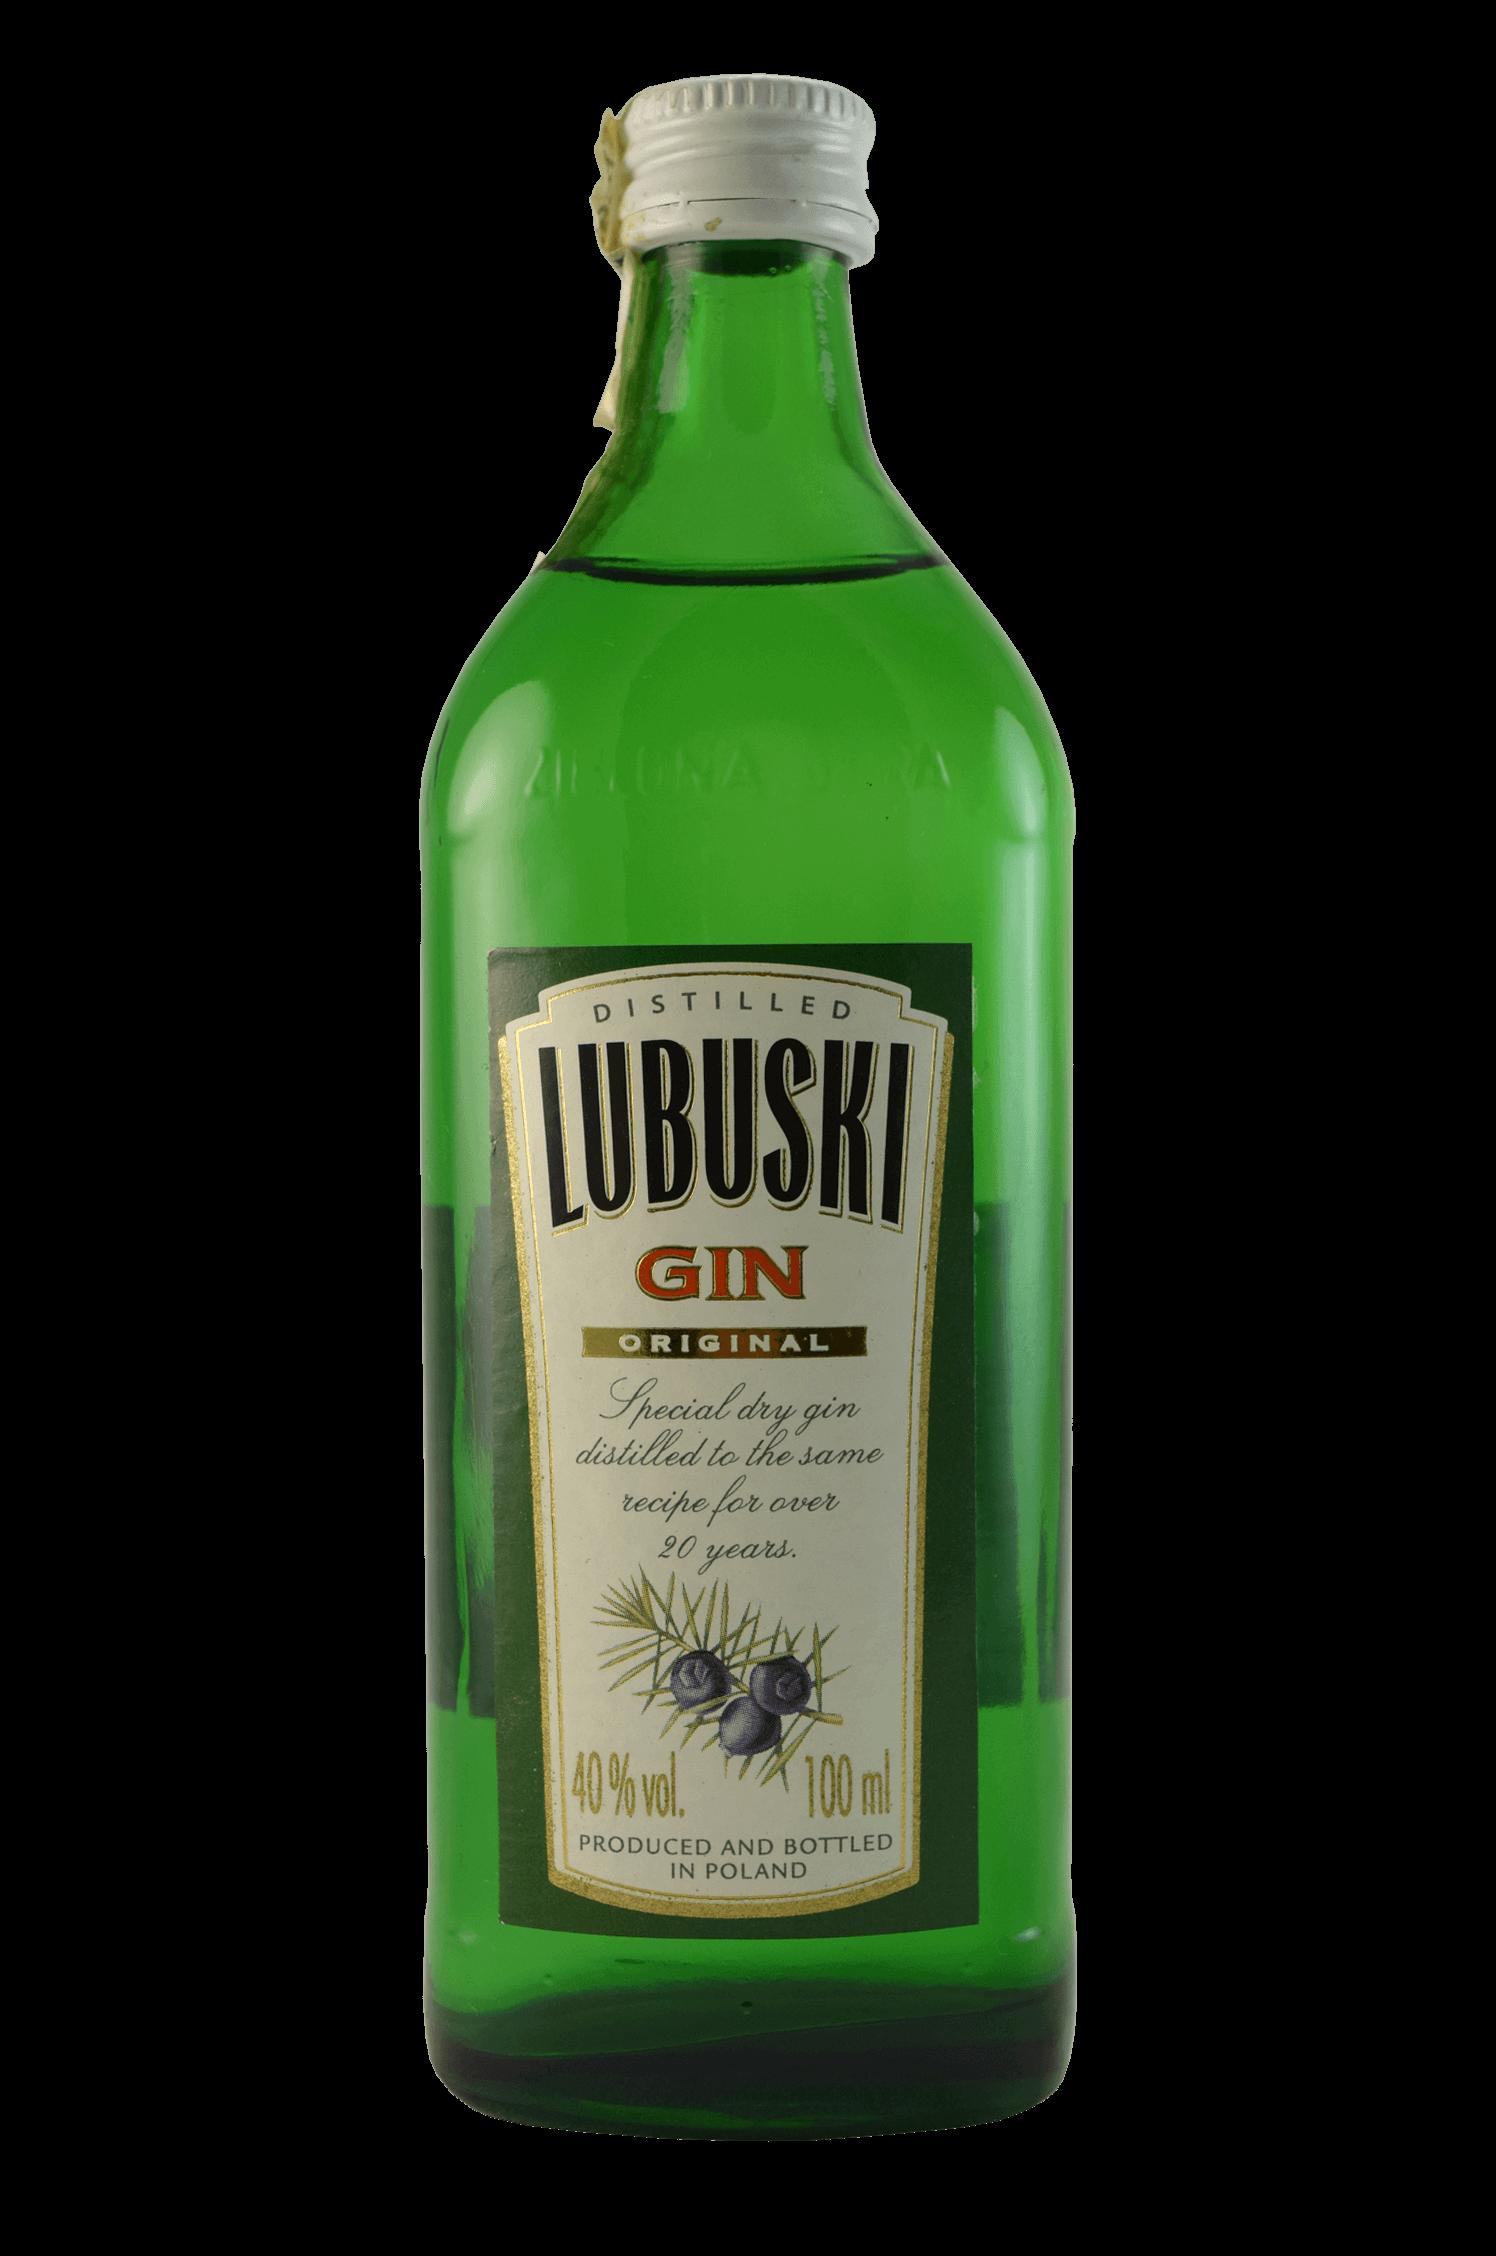 Lubuski Gin Original